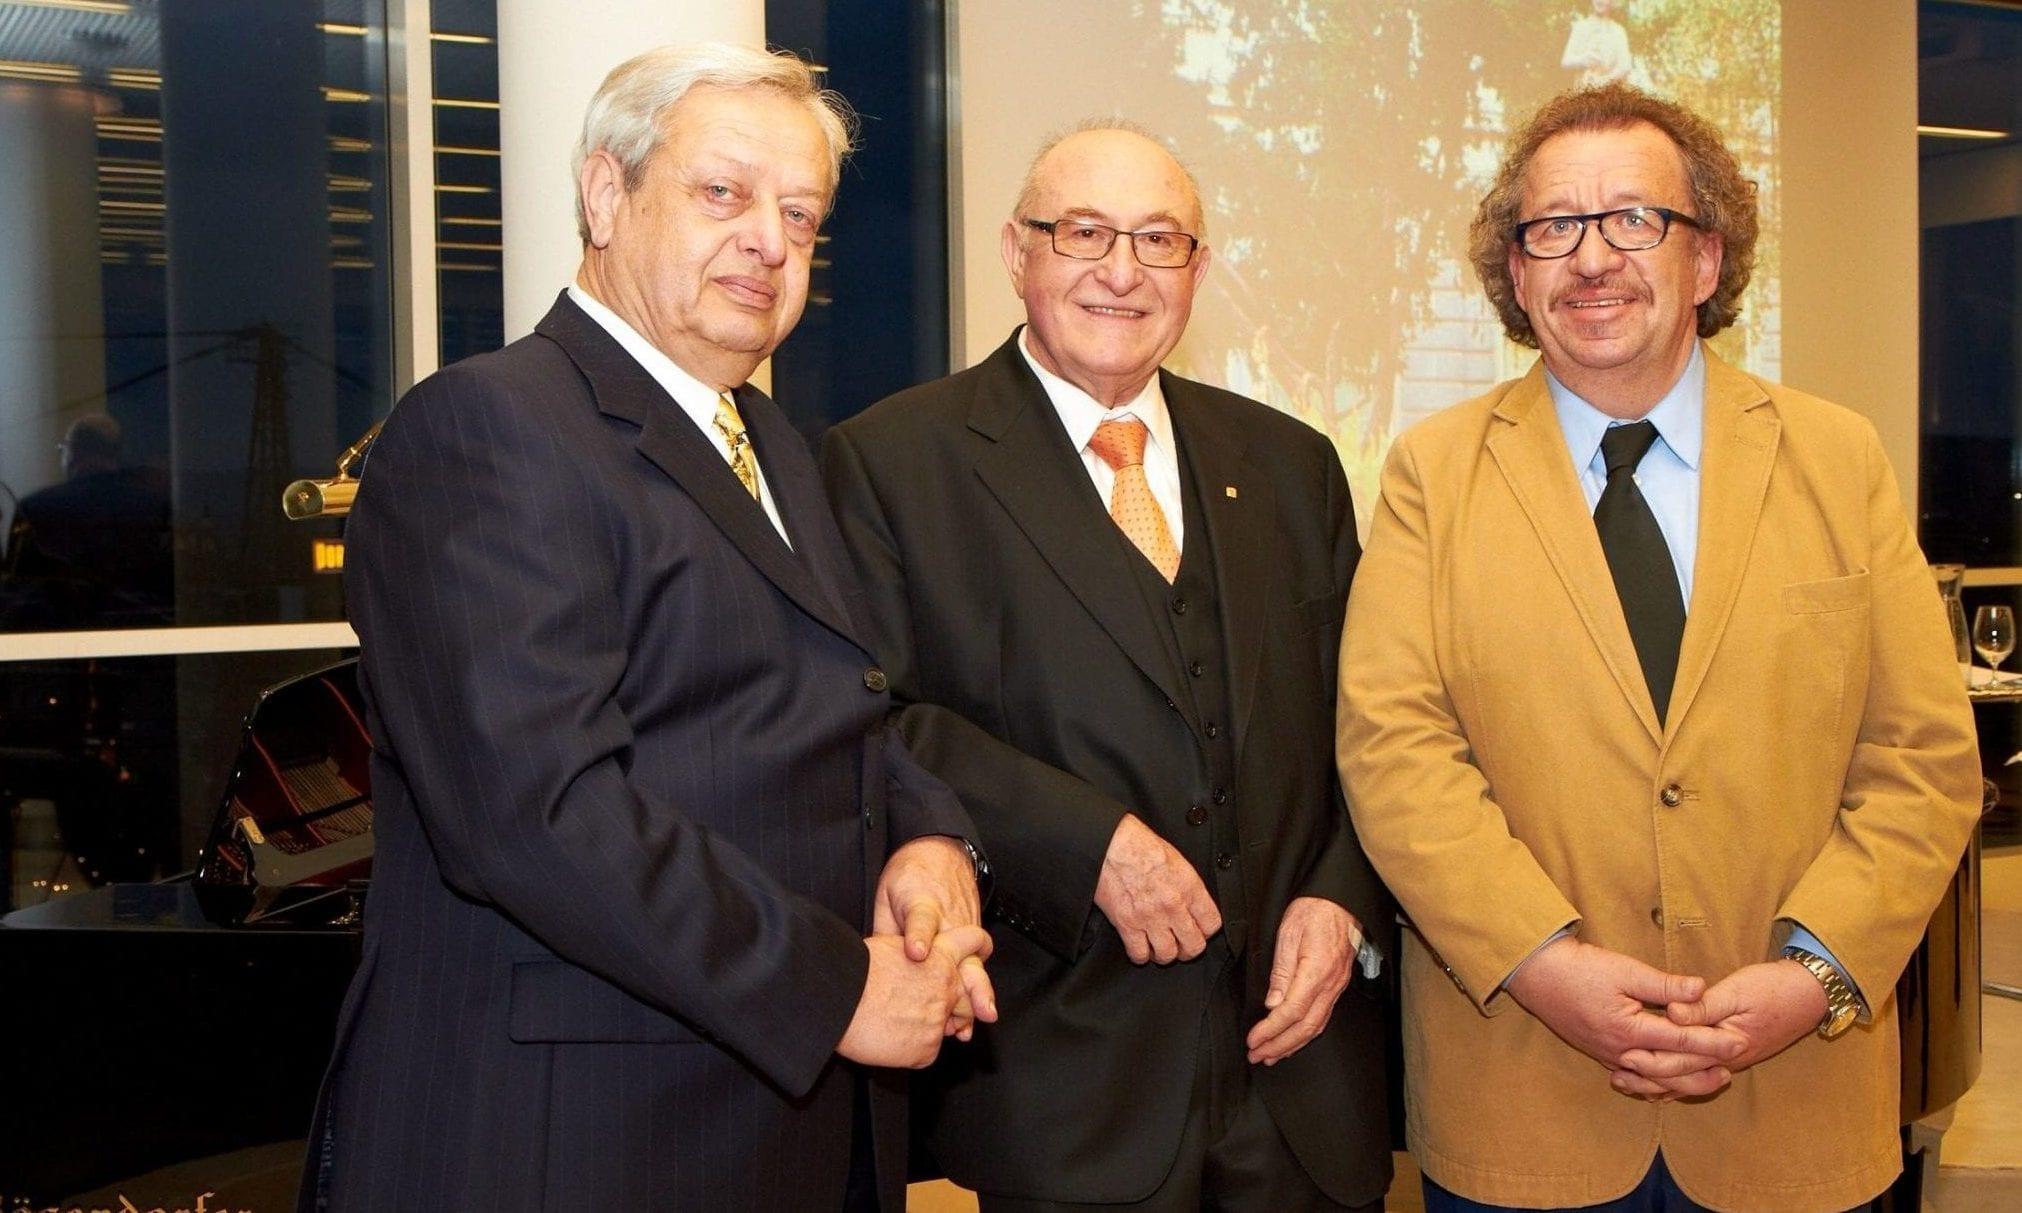 Univ. Prof. DDr. Wolfgang Graninger, Generaldirektor Dr. Günter Geyer und Kammersänger Alfred Sramek